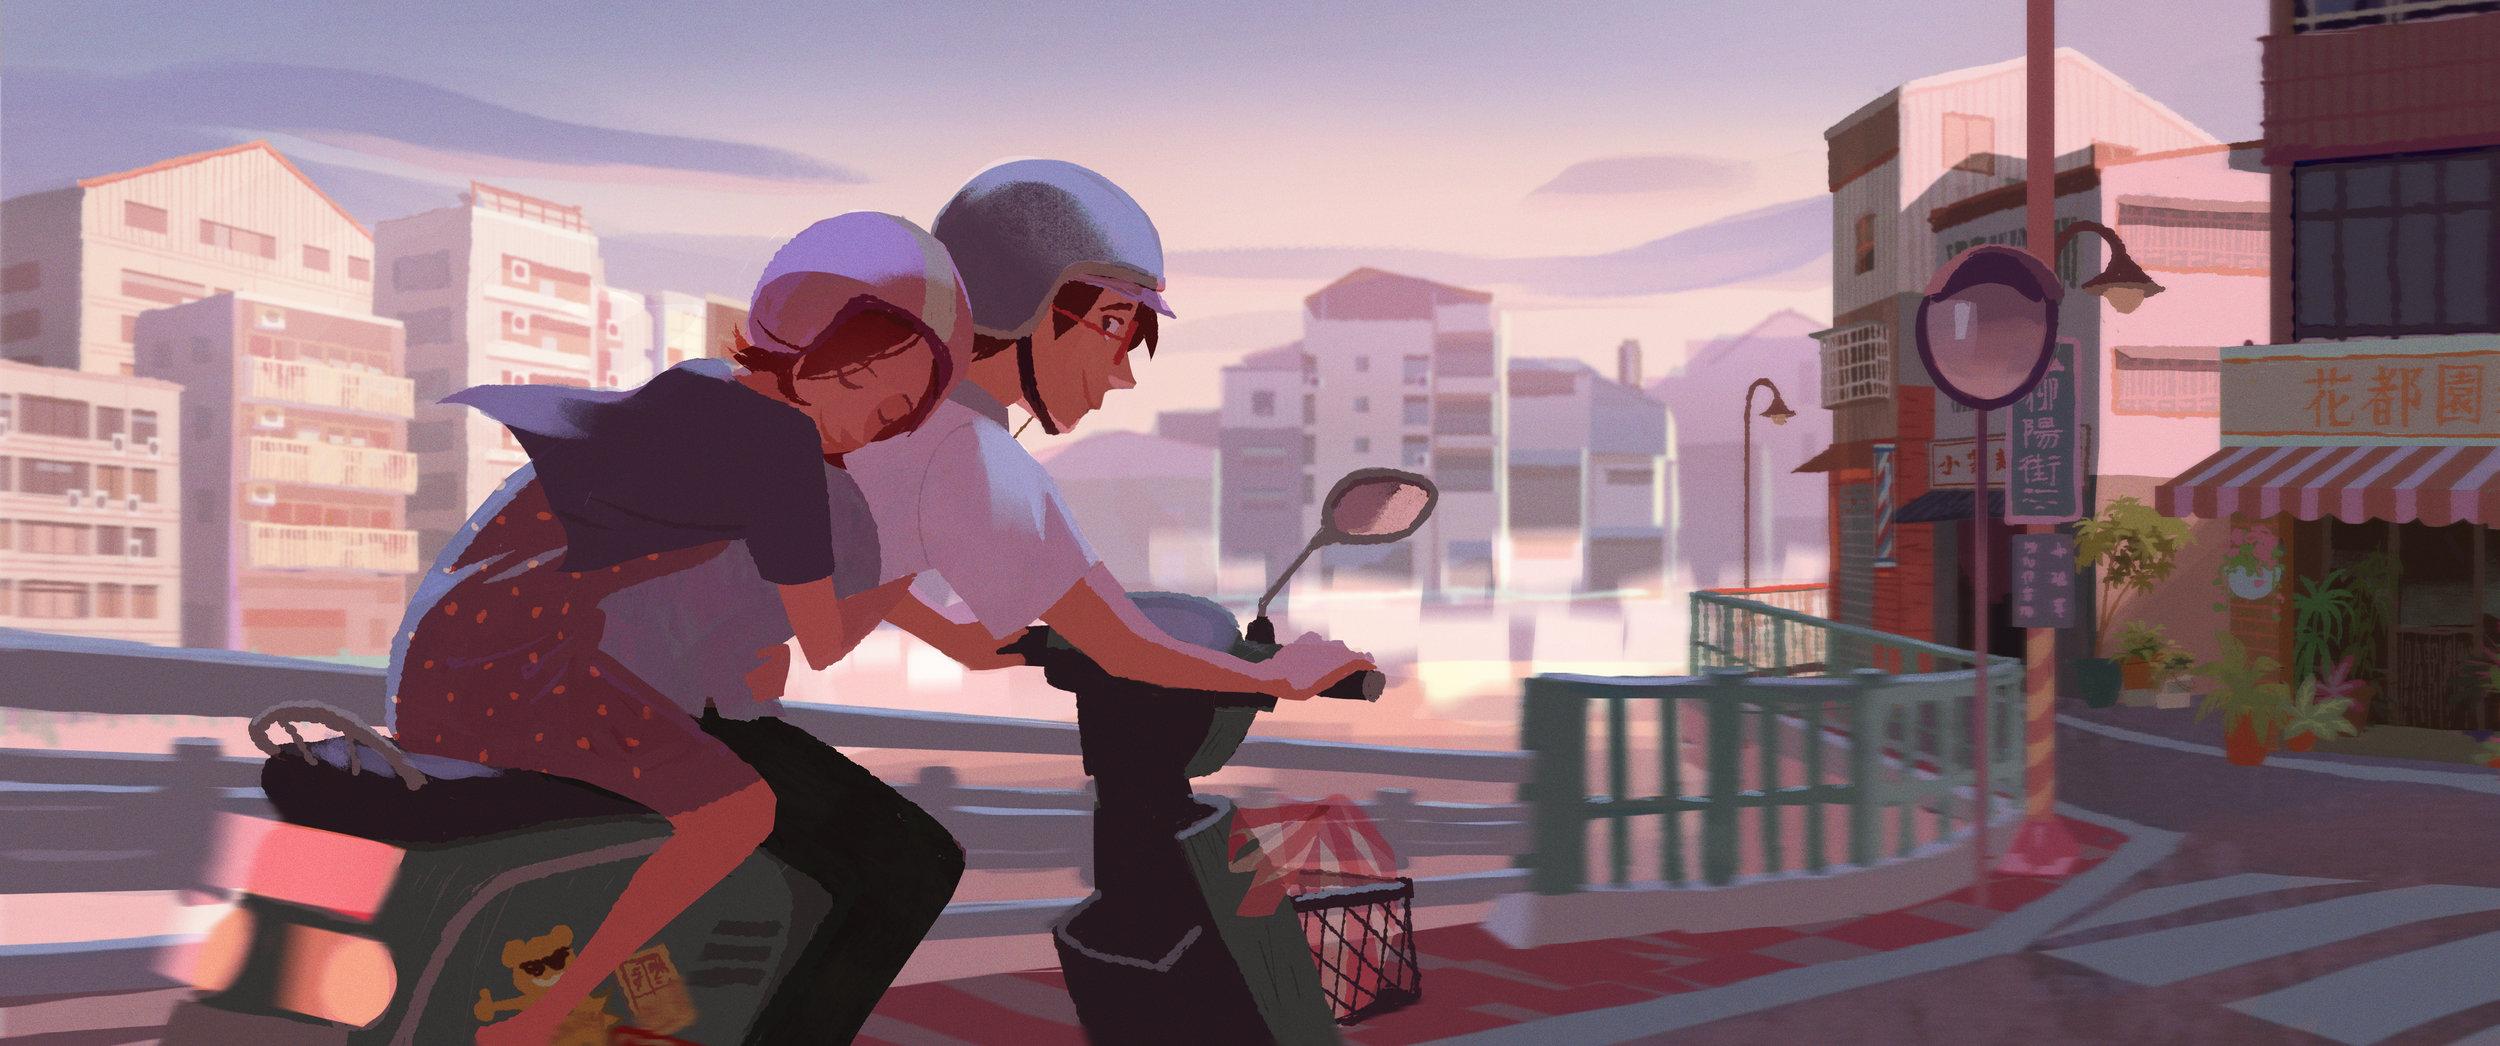 liaimei scene 4 v2.jpg